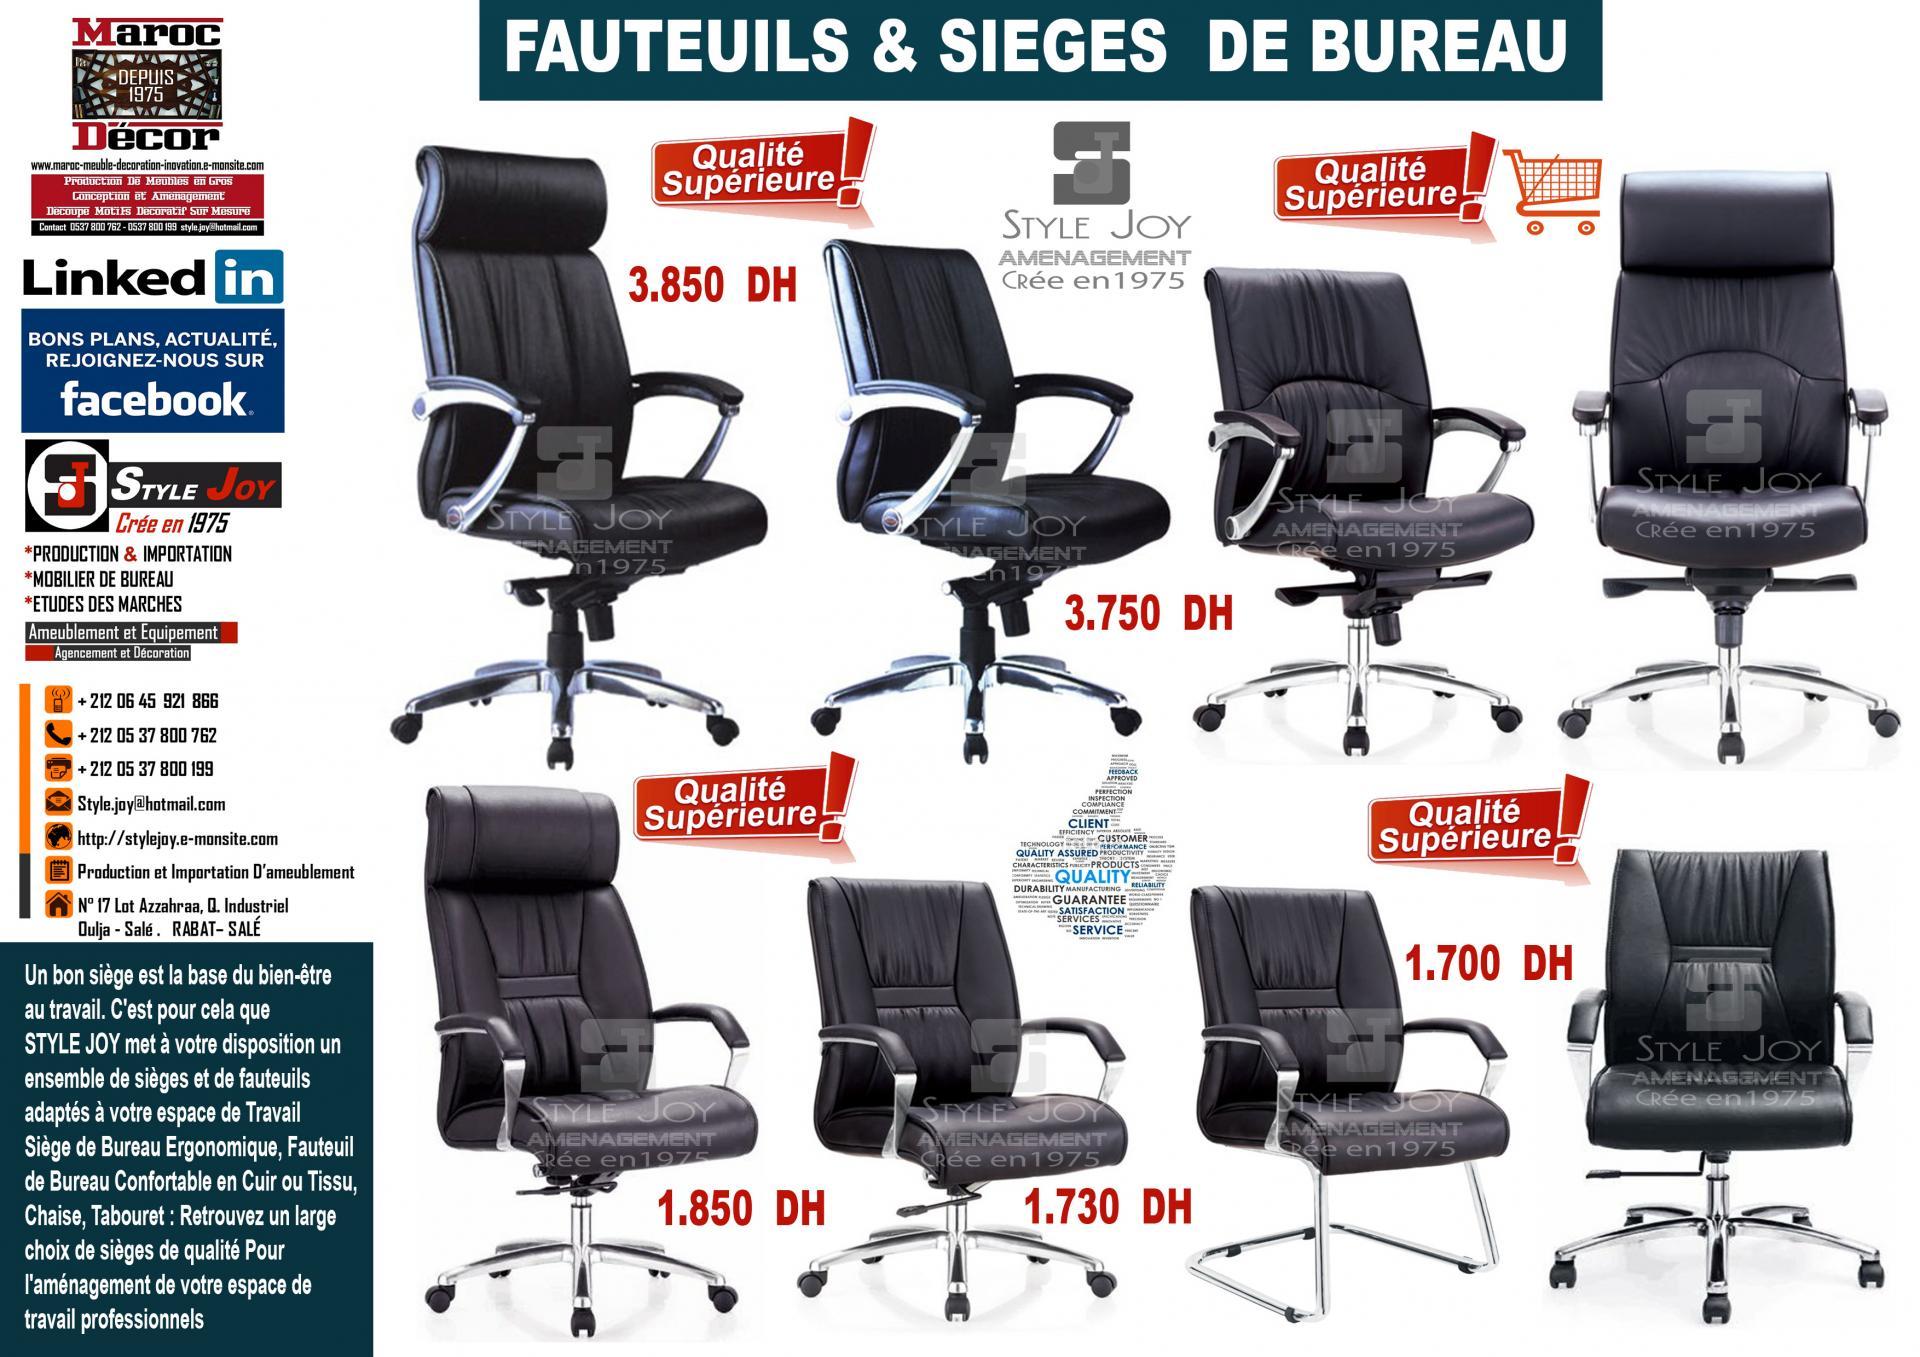 Bureau Luxe Monsieur Galerie Galerie Luxe Monsieur Meuble Bureau Meuble Luxe NnkX8OwP0